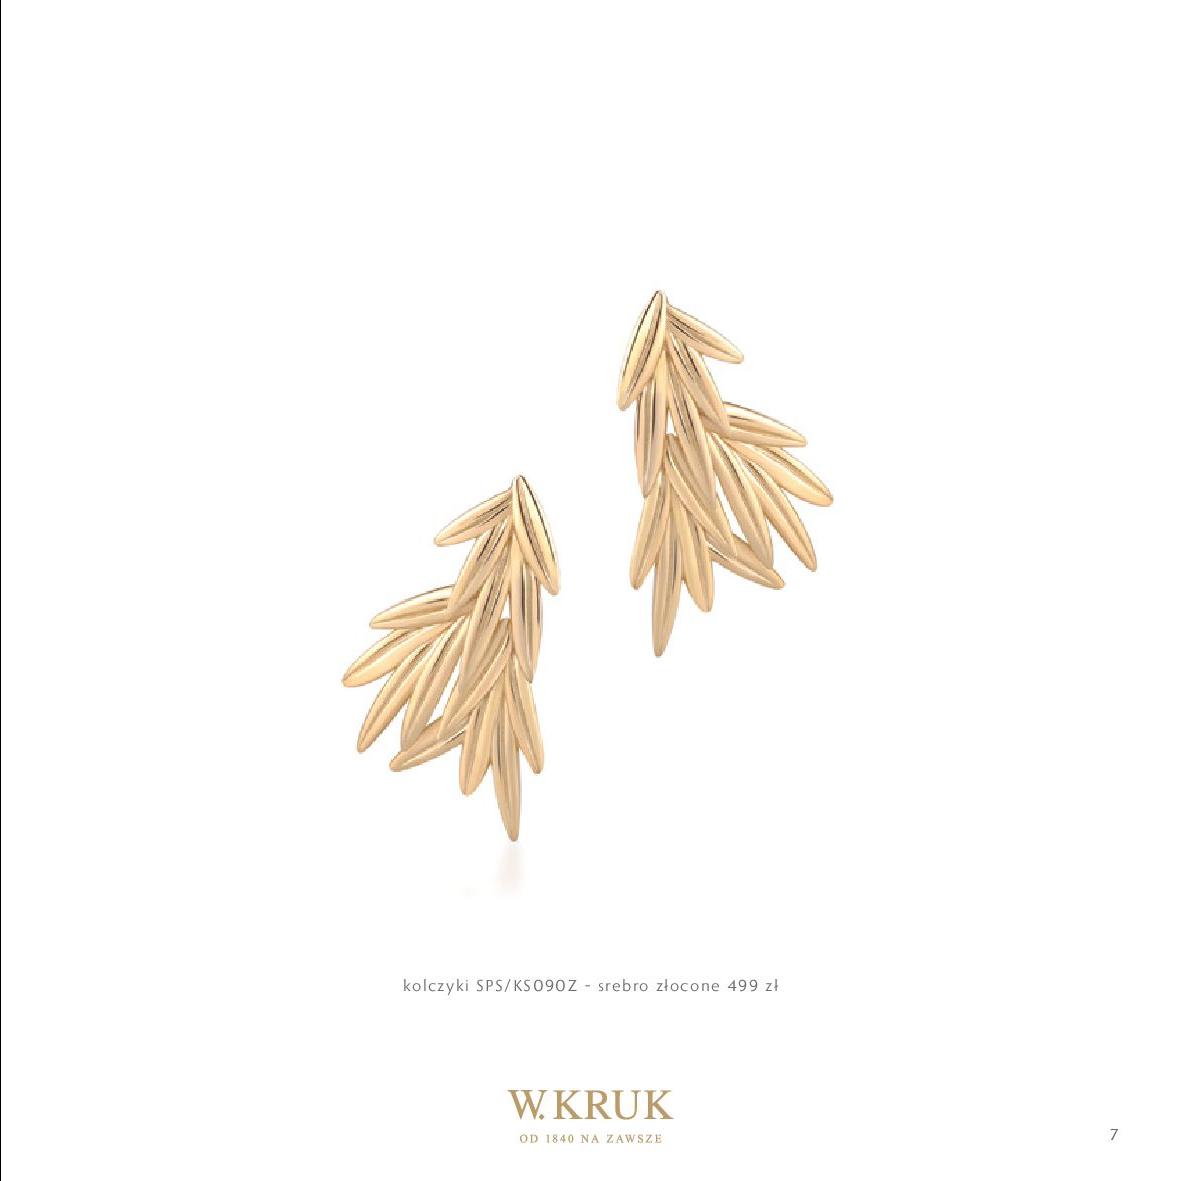 Gazetka W. KRUK: Katalog - Kolekcja Przyjaźń 2021-02-17 page-9